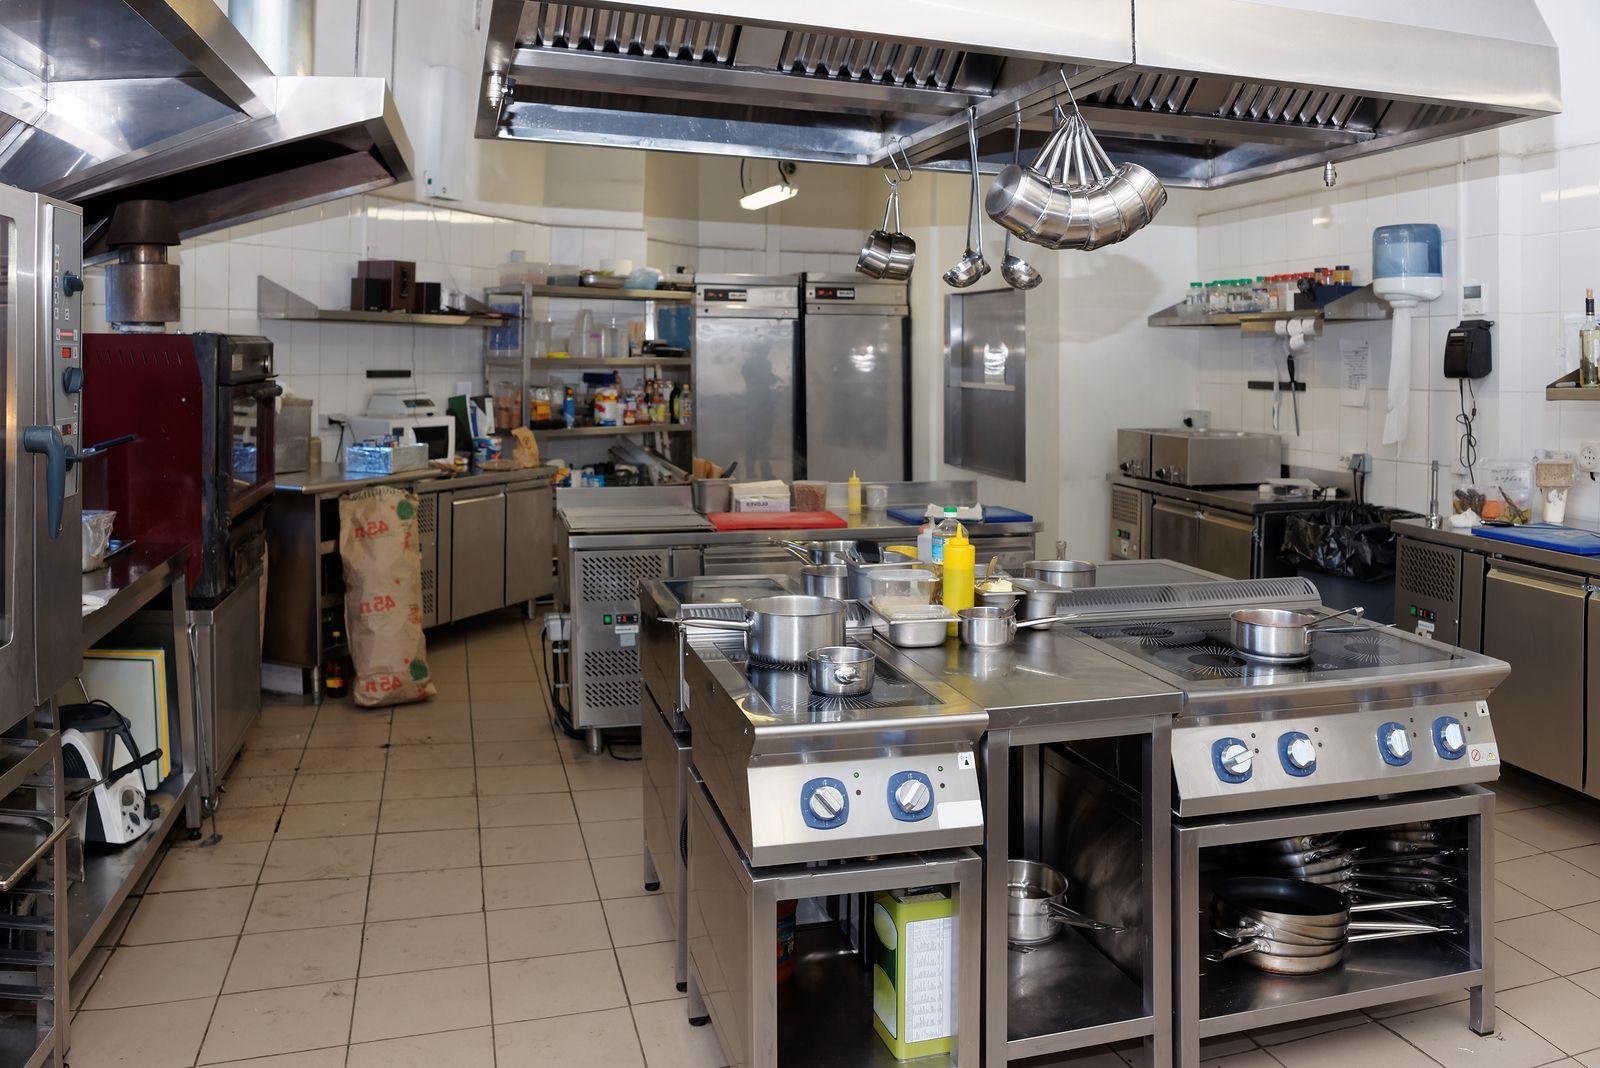 Thanh lý nhà hàng, bàn ghế đồ dùng thiết bị bếp nhà hàng quán ăn tphcm, hà nội, đà nẵng | Bếp, Nhà hàng, Ghế